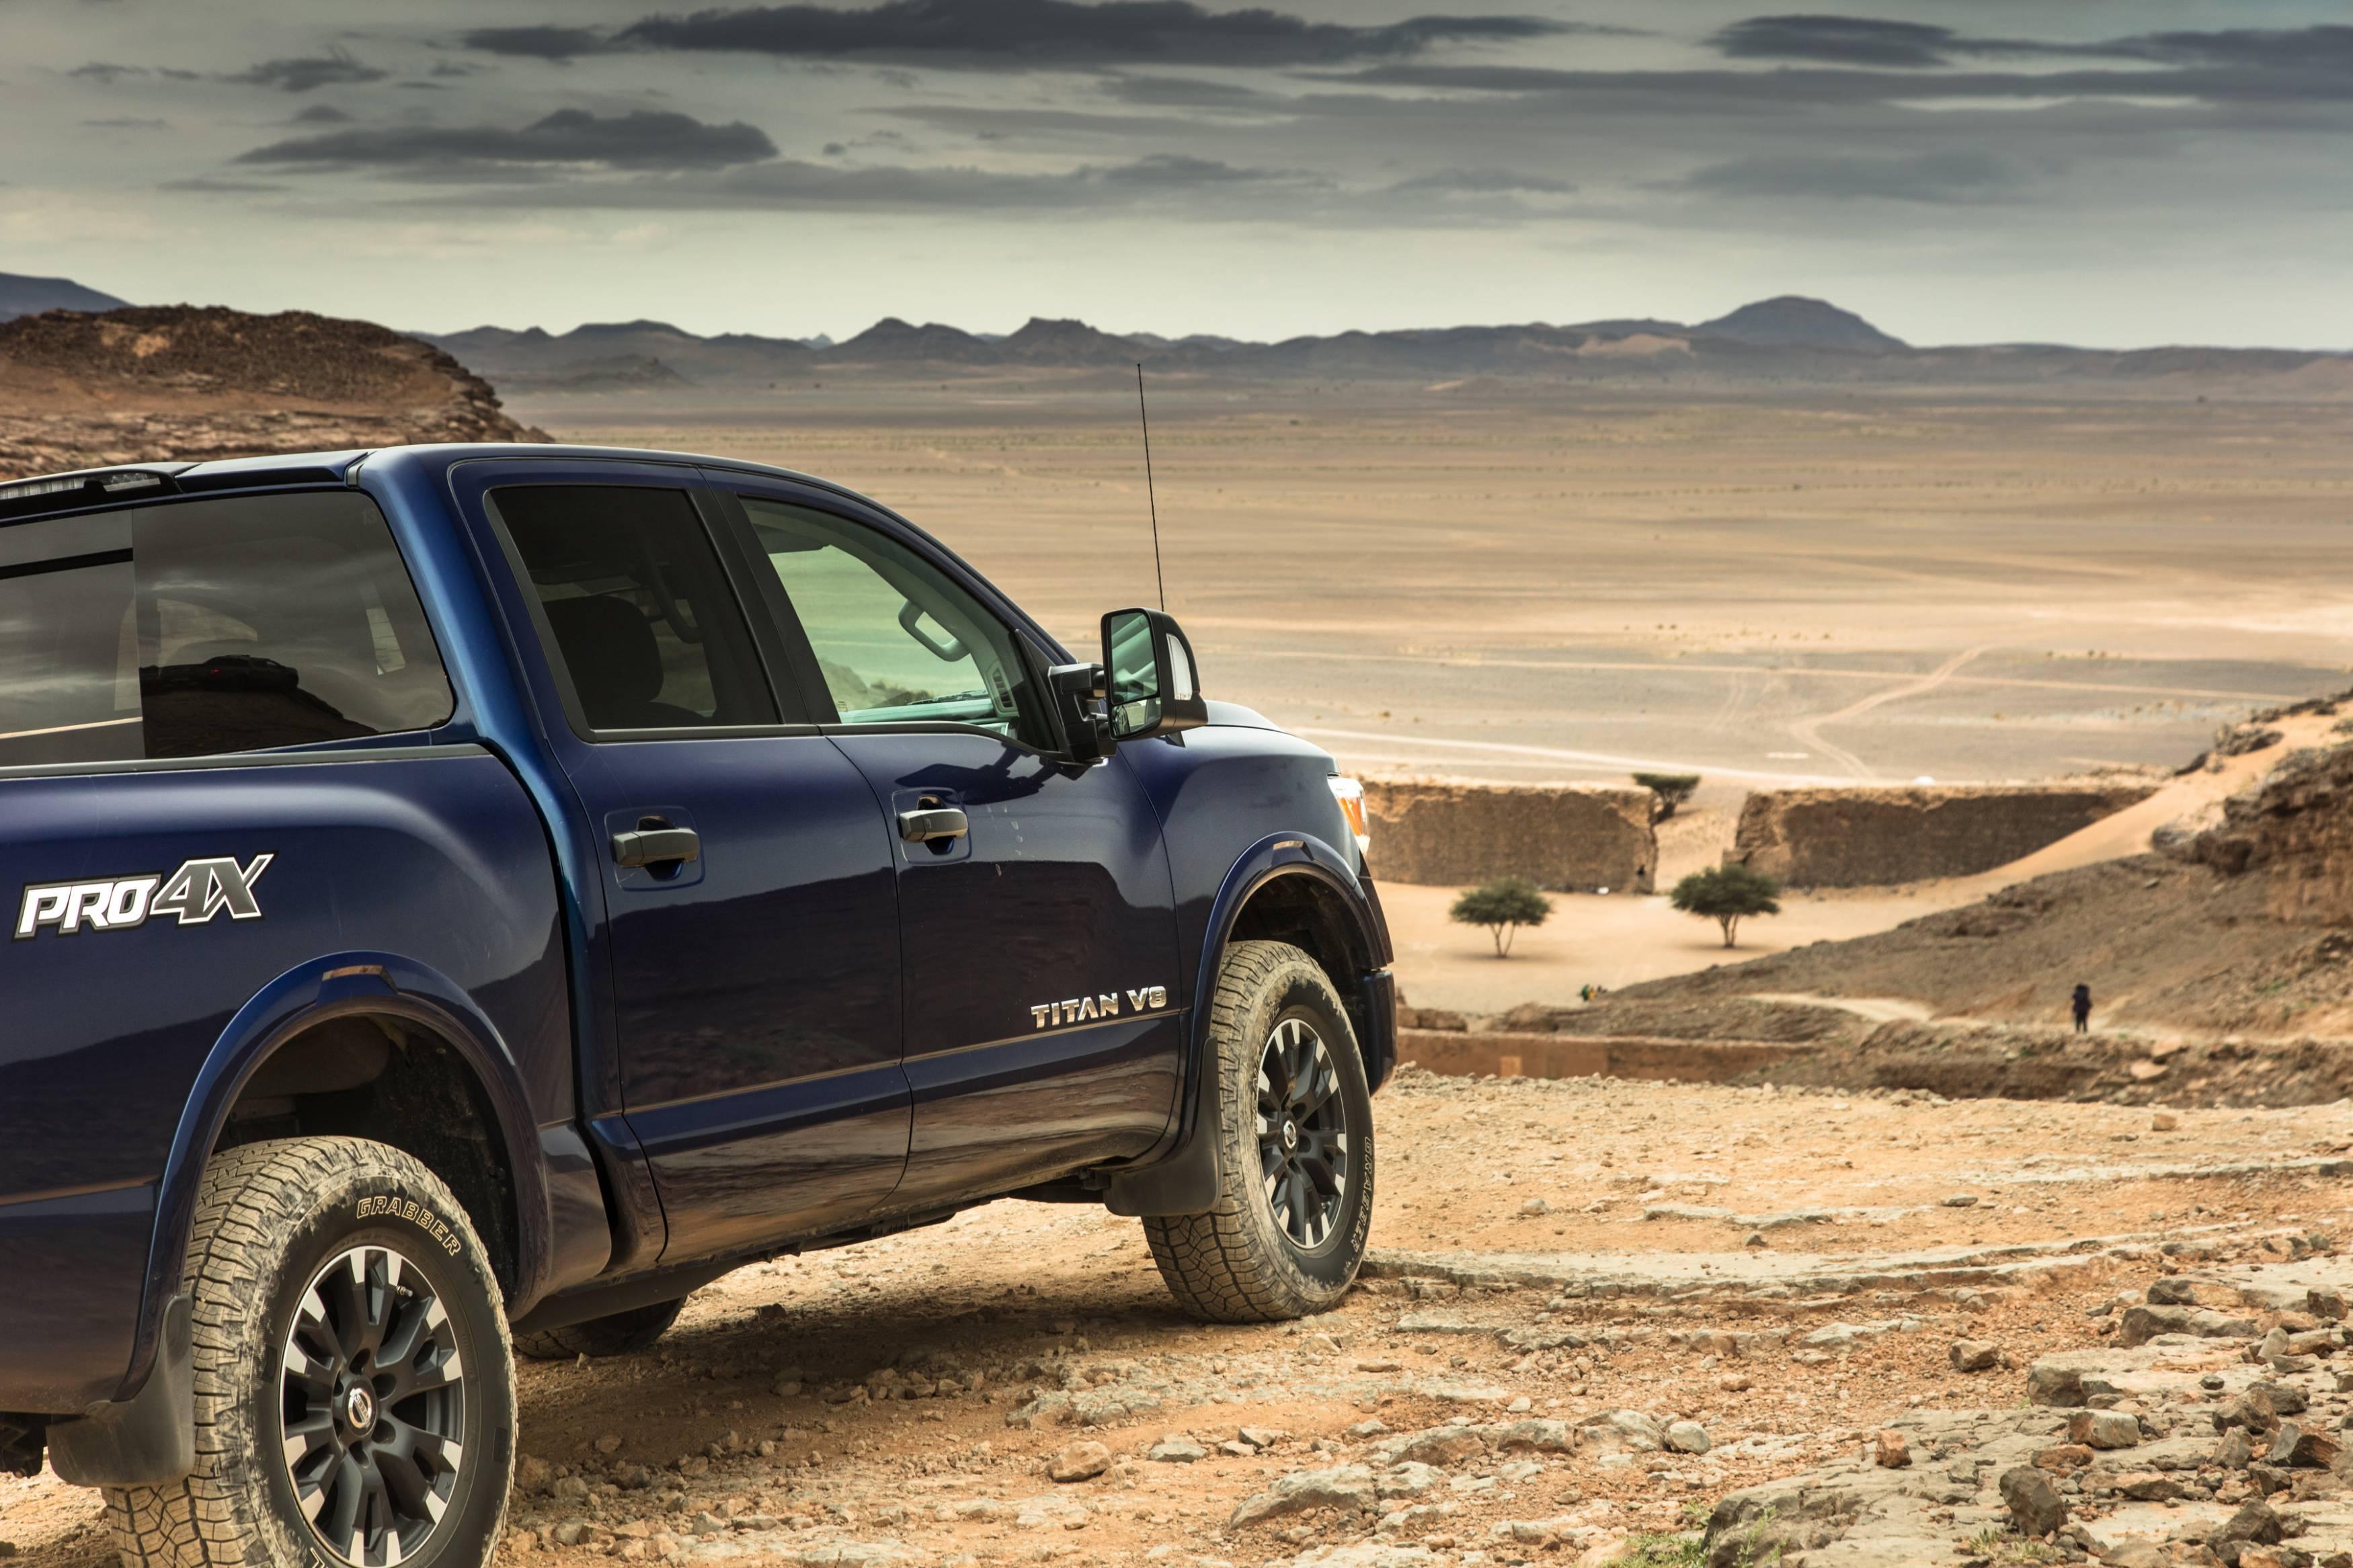 2018 Nissan Titan full-size pickup truck